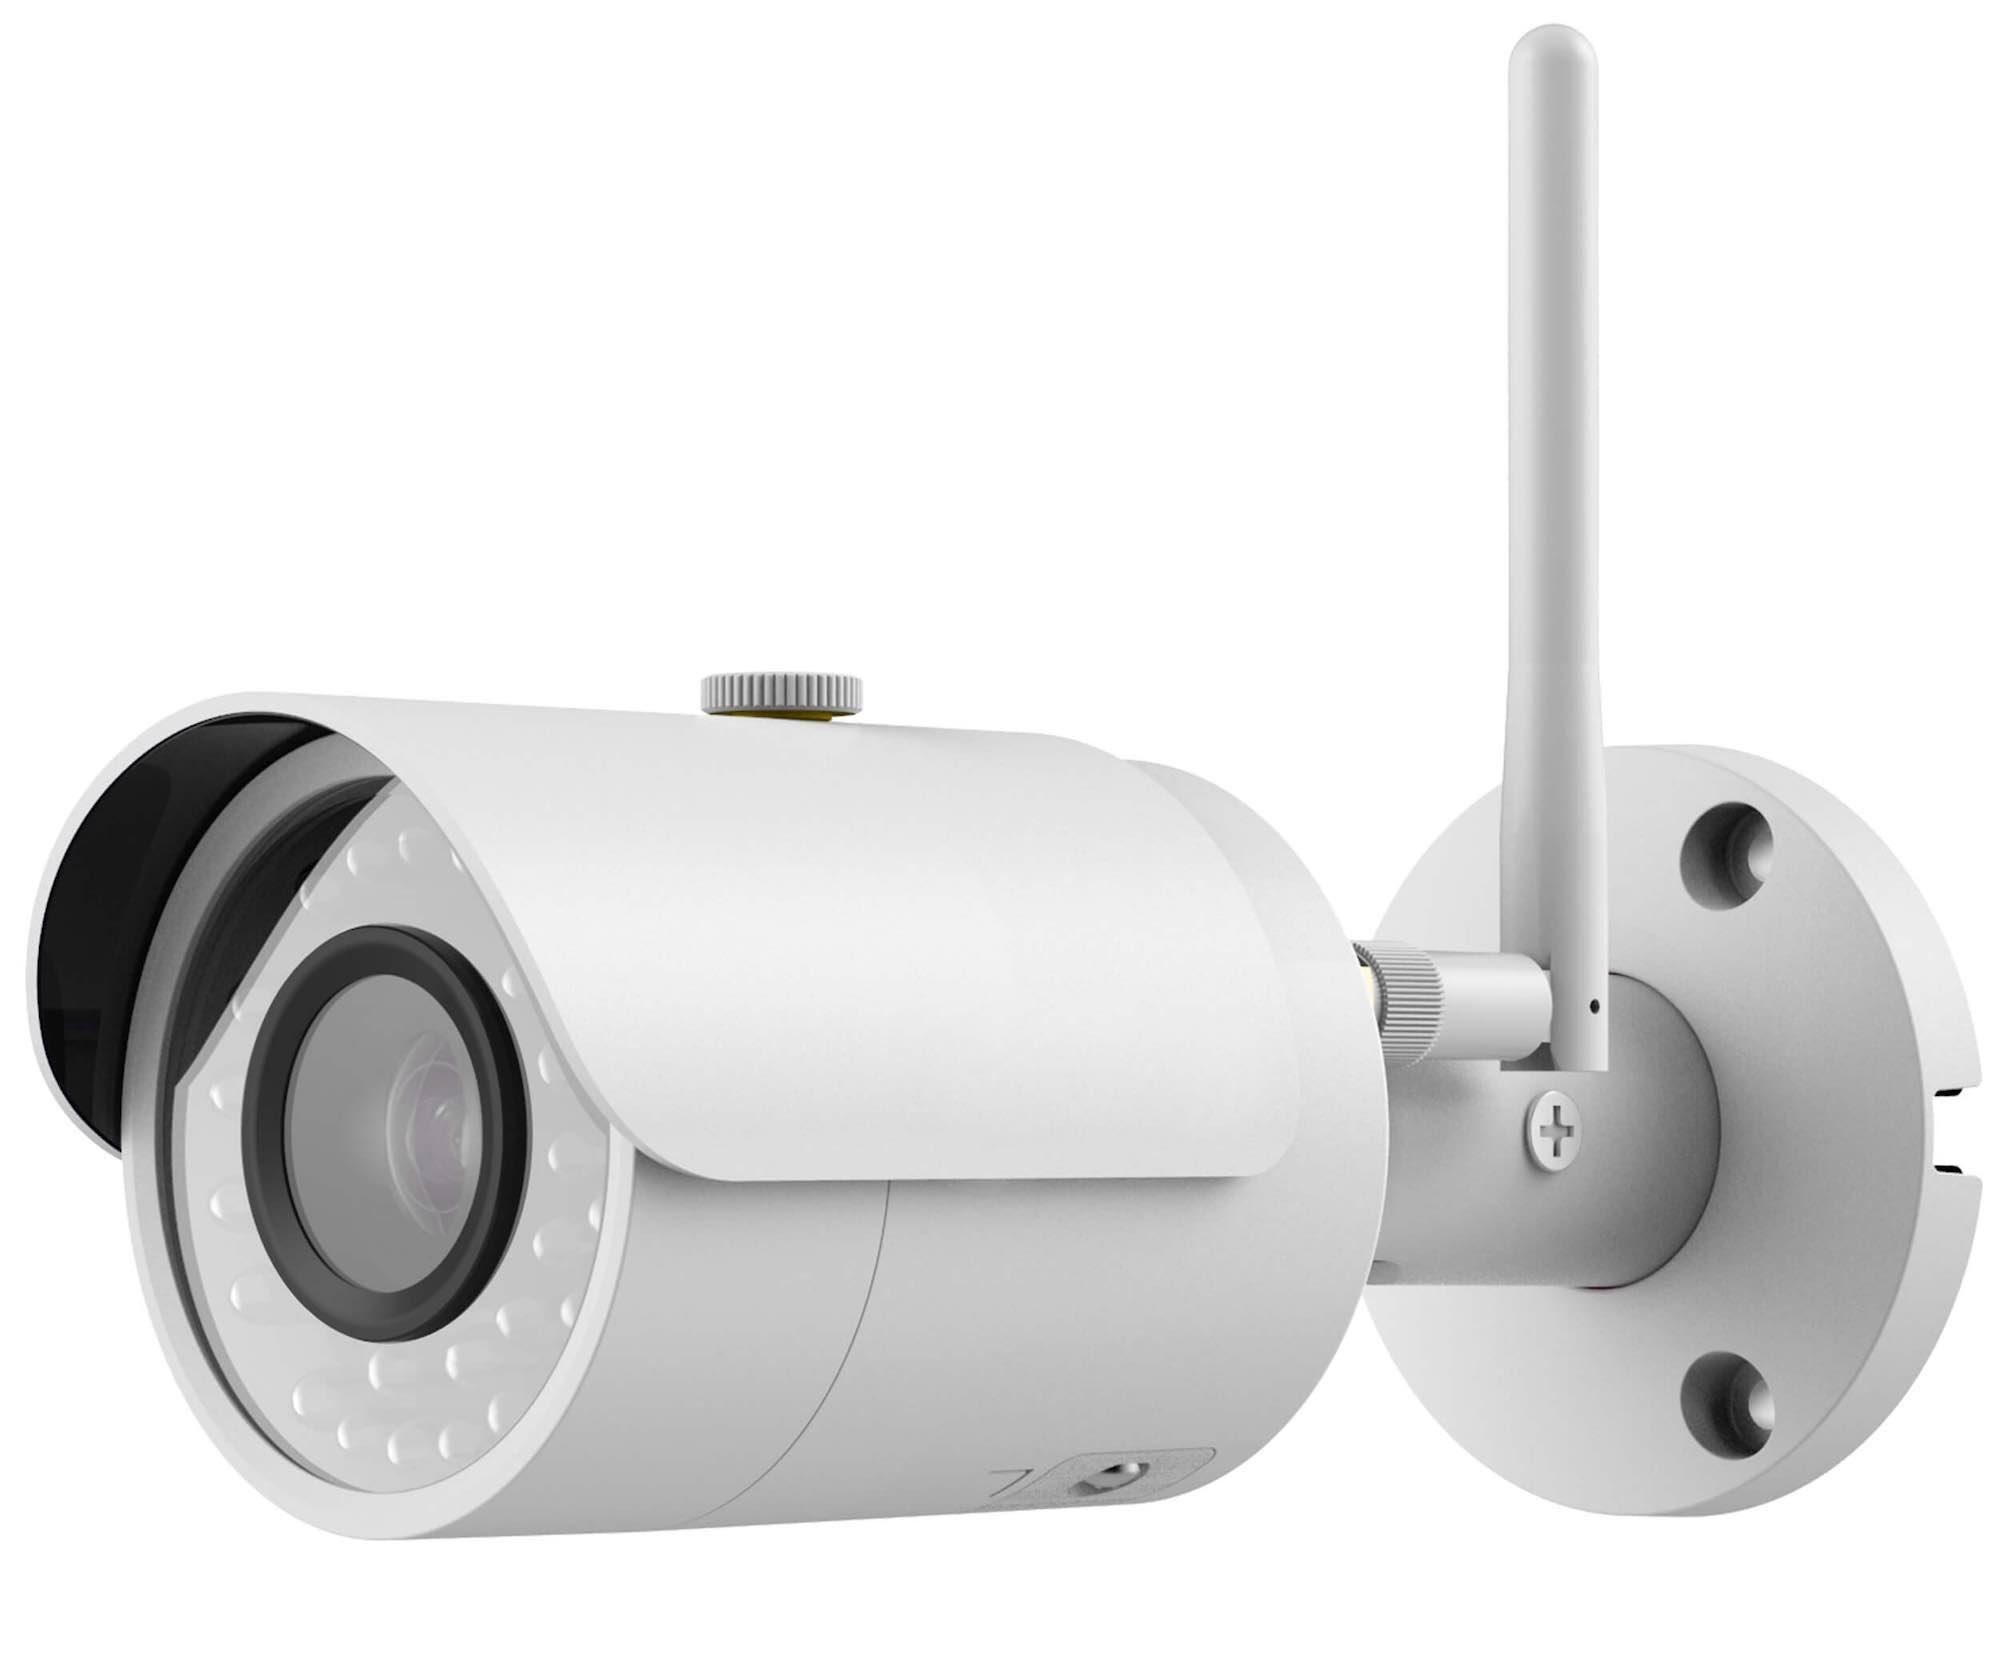 Professionelle WLAN Kamera von Wecee